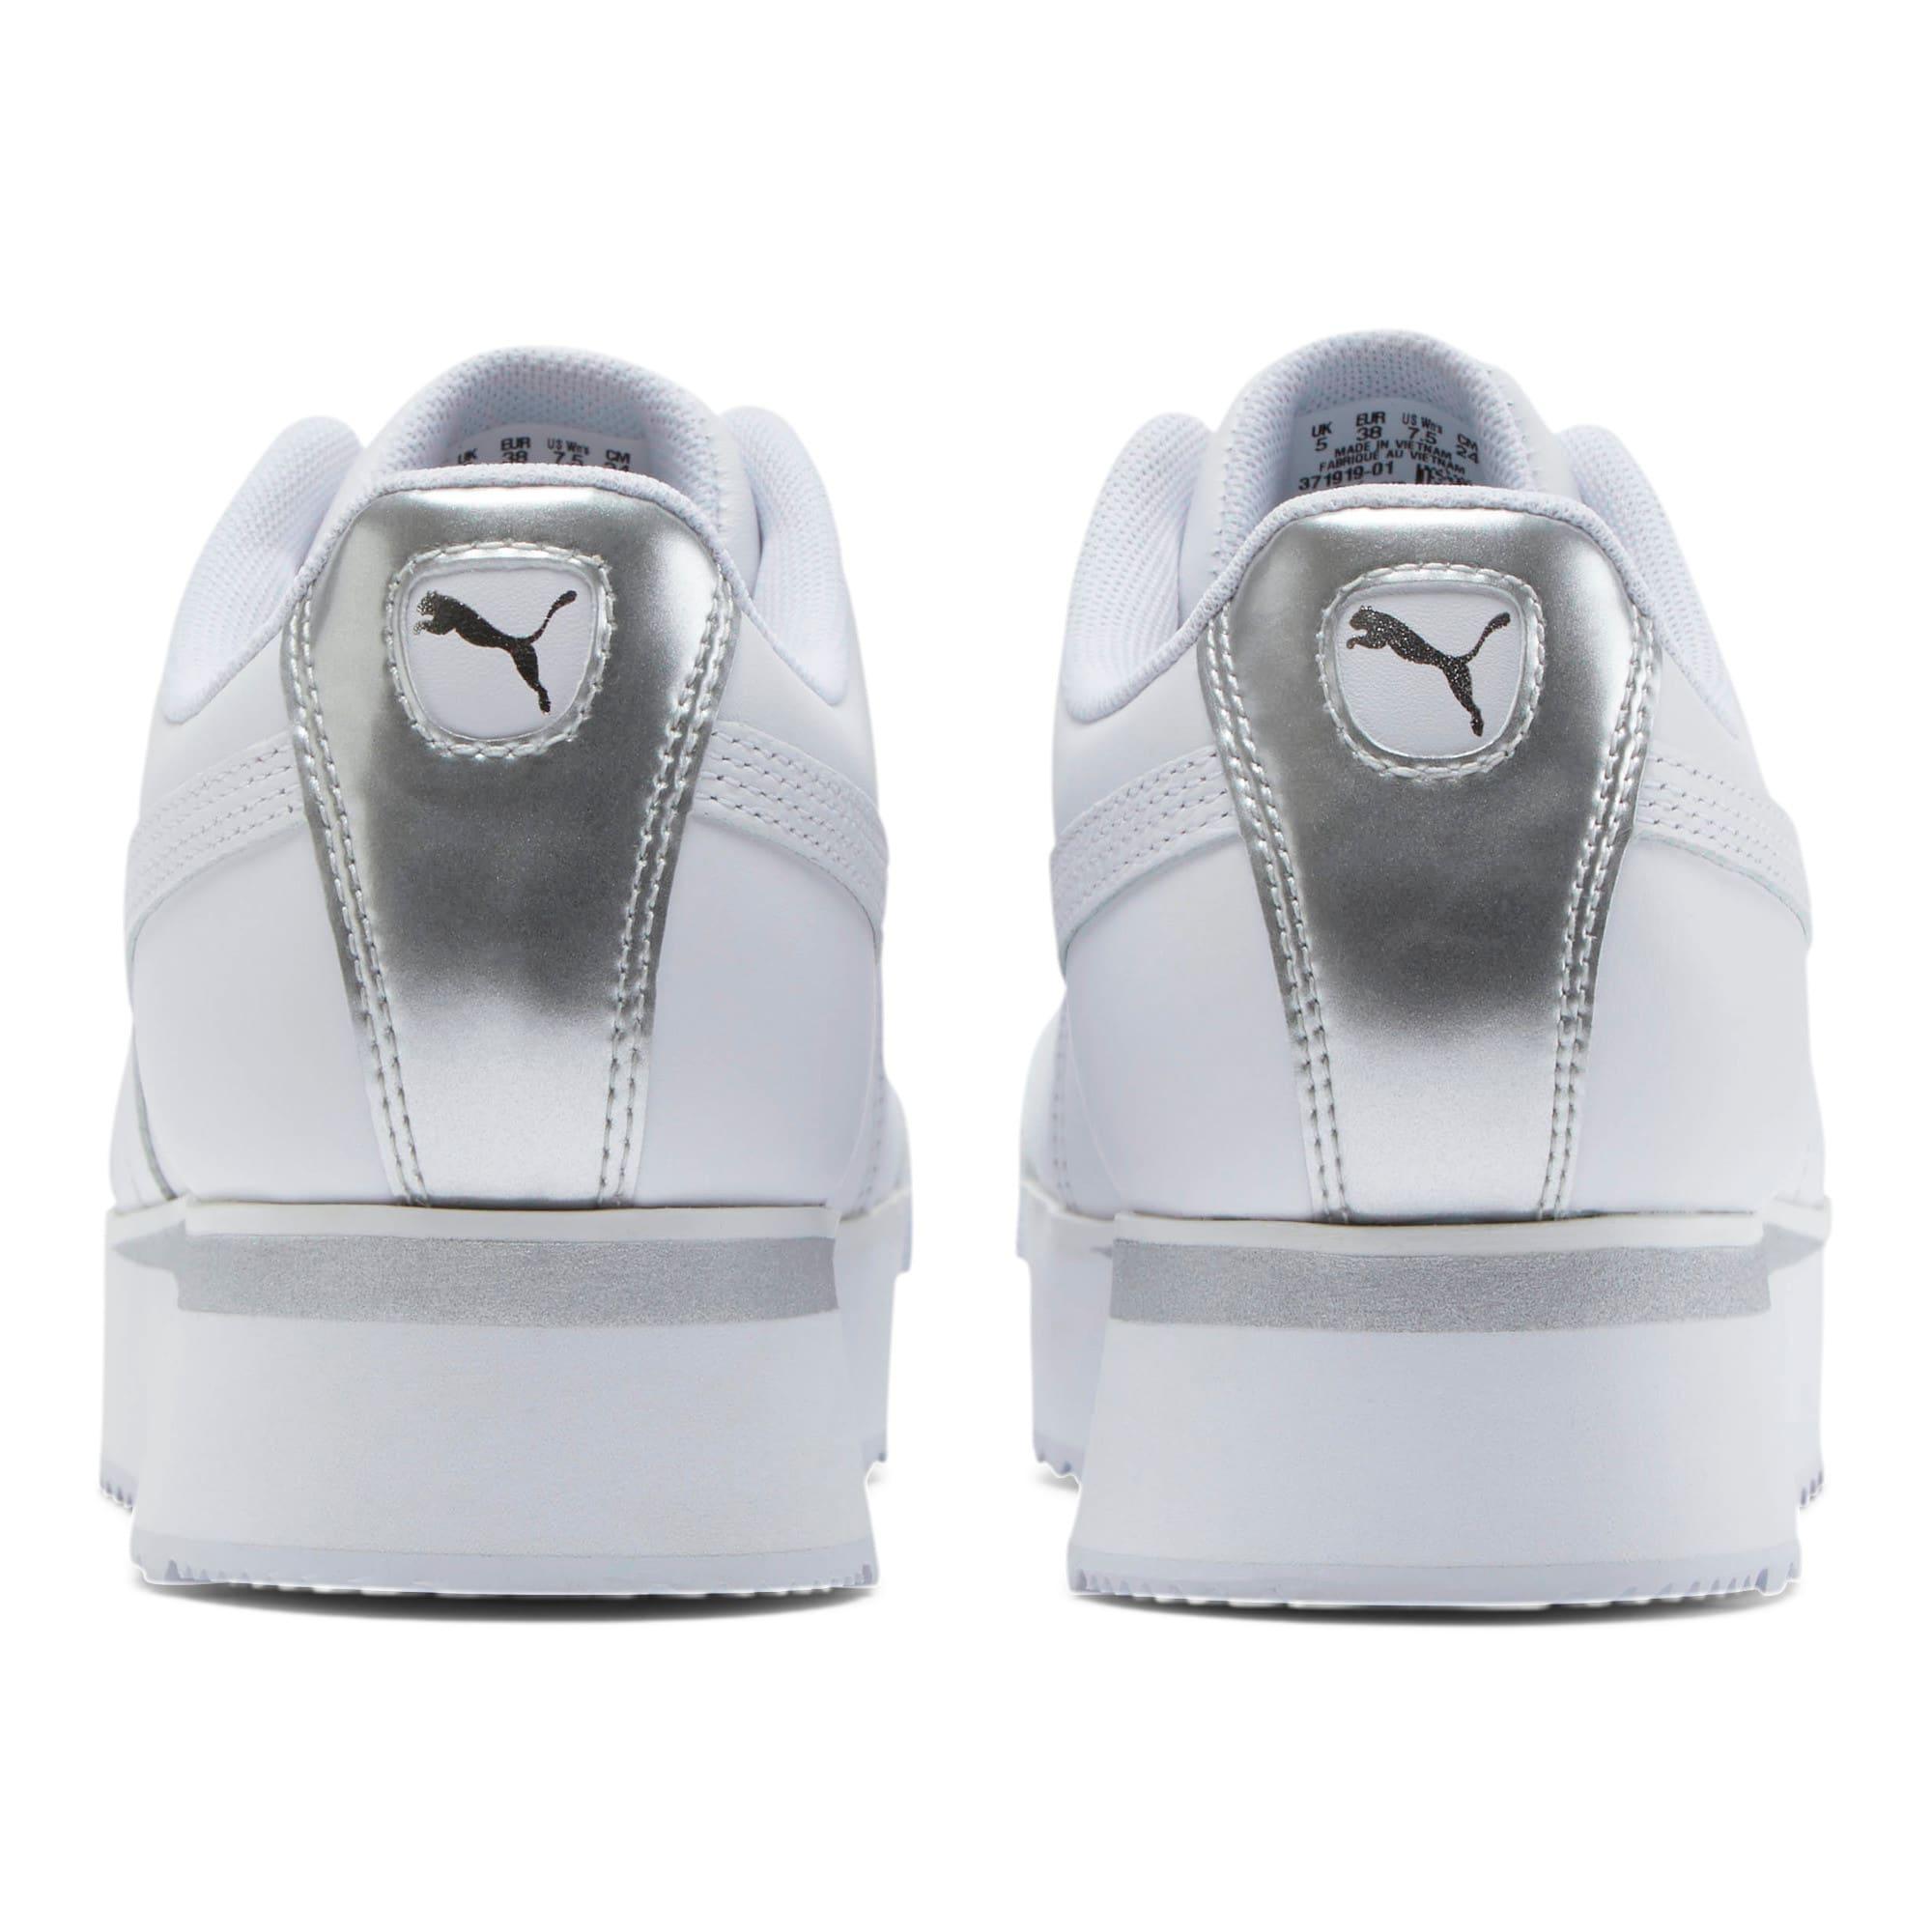 Thumbnail 3 of Roma Amor Leather Metallic Women's Sneakers, White-Whisper White-Silver, medium